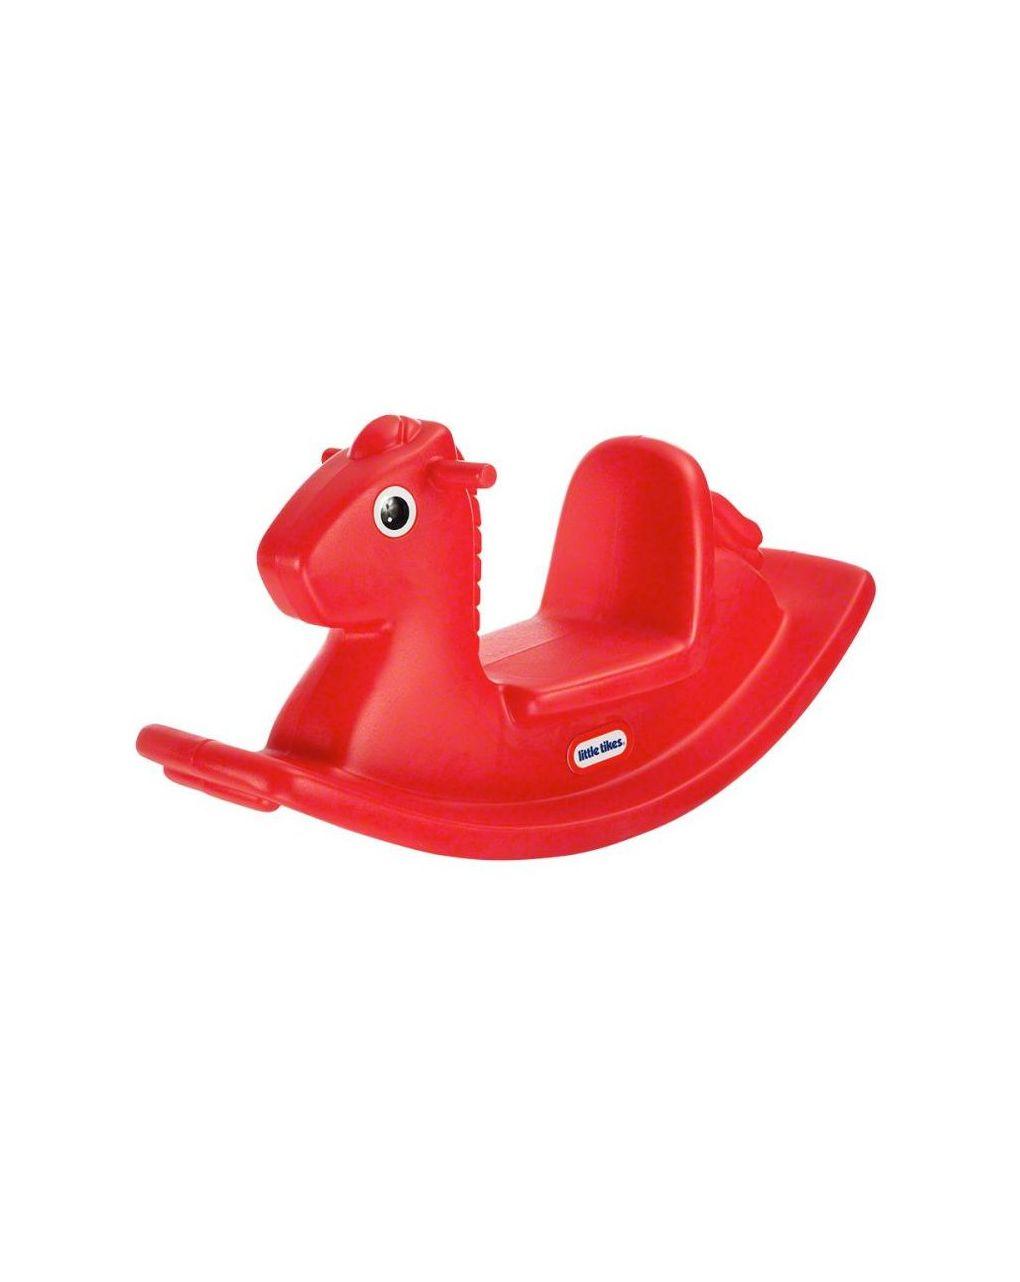 Cavalo de balanço vermelho - Little tikes